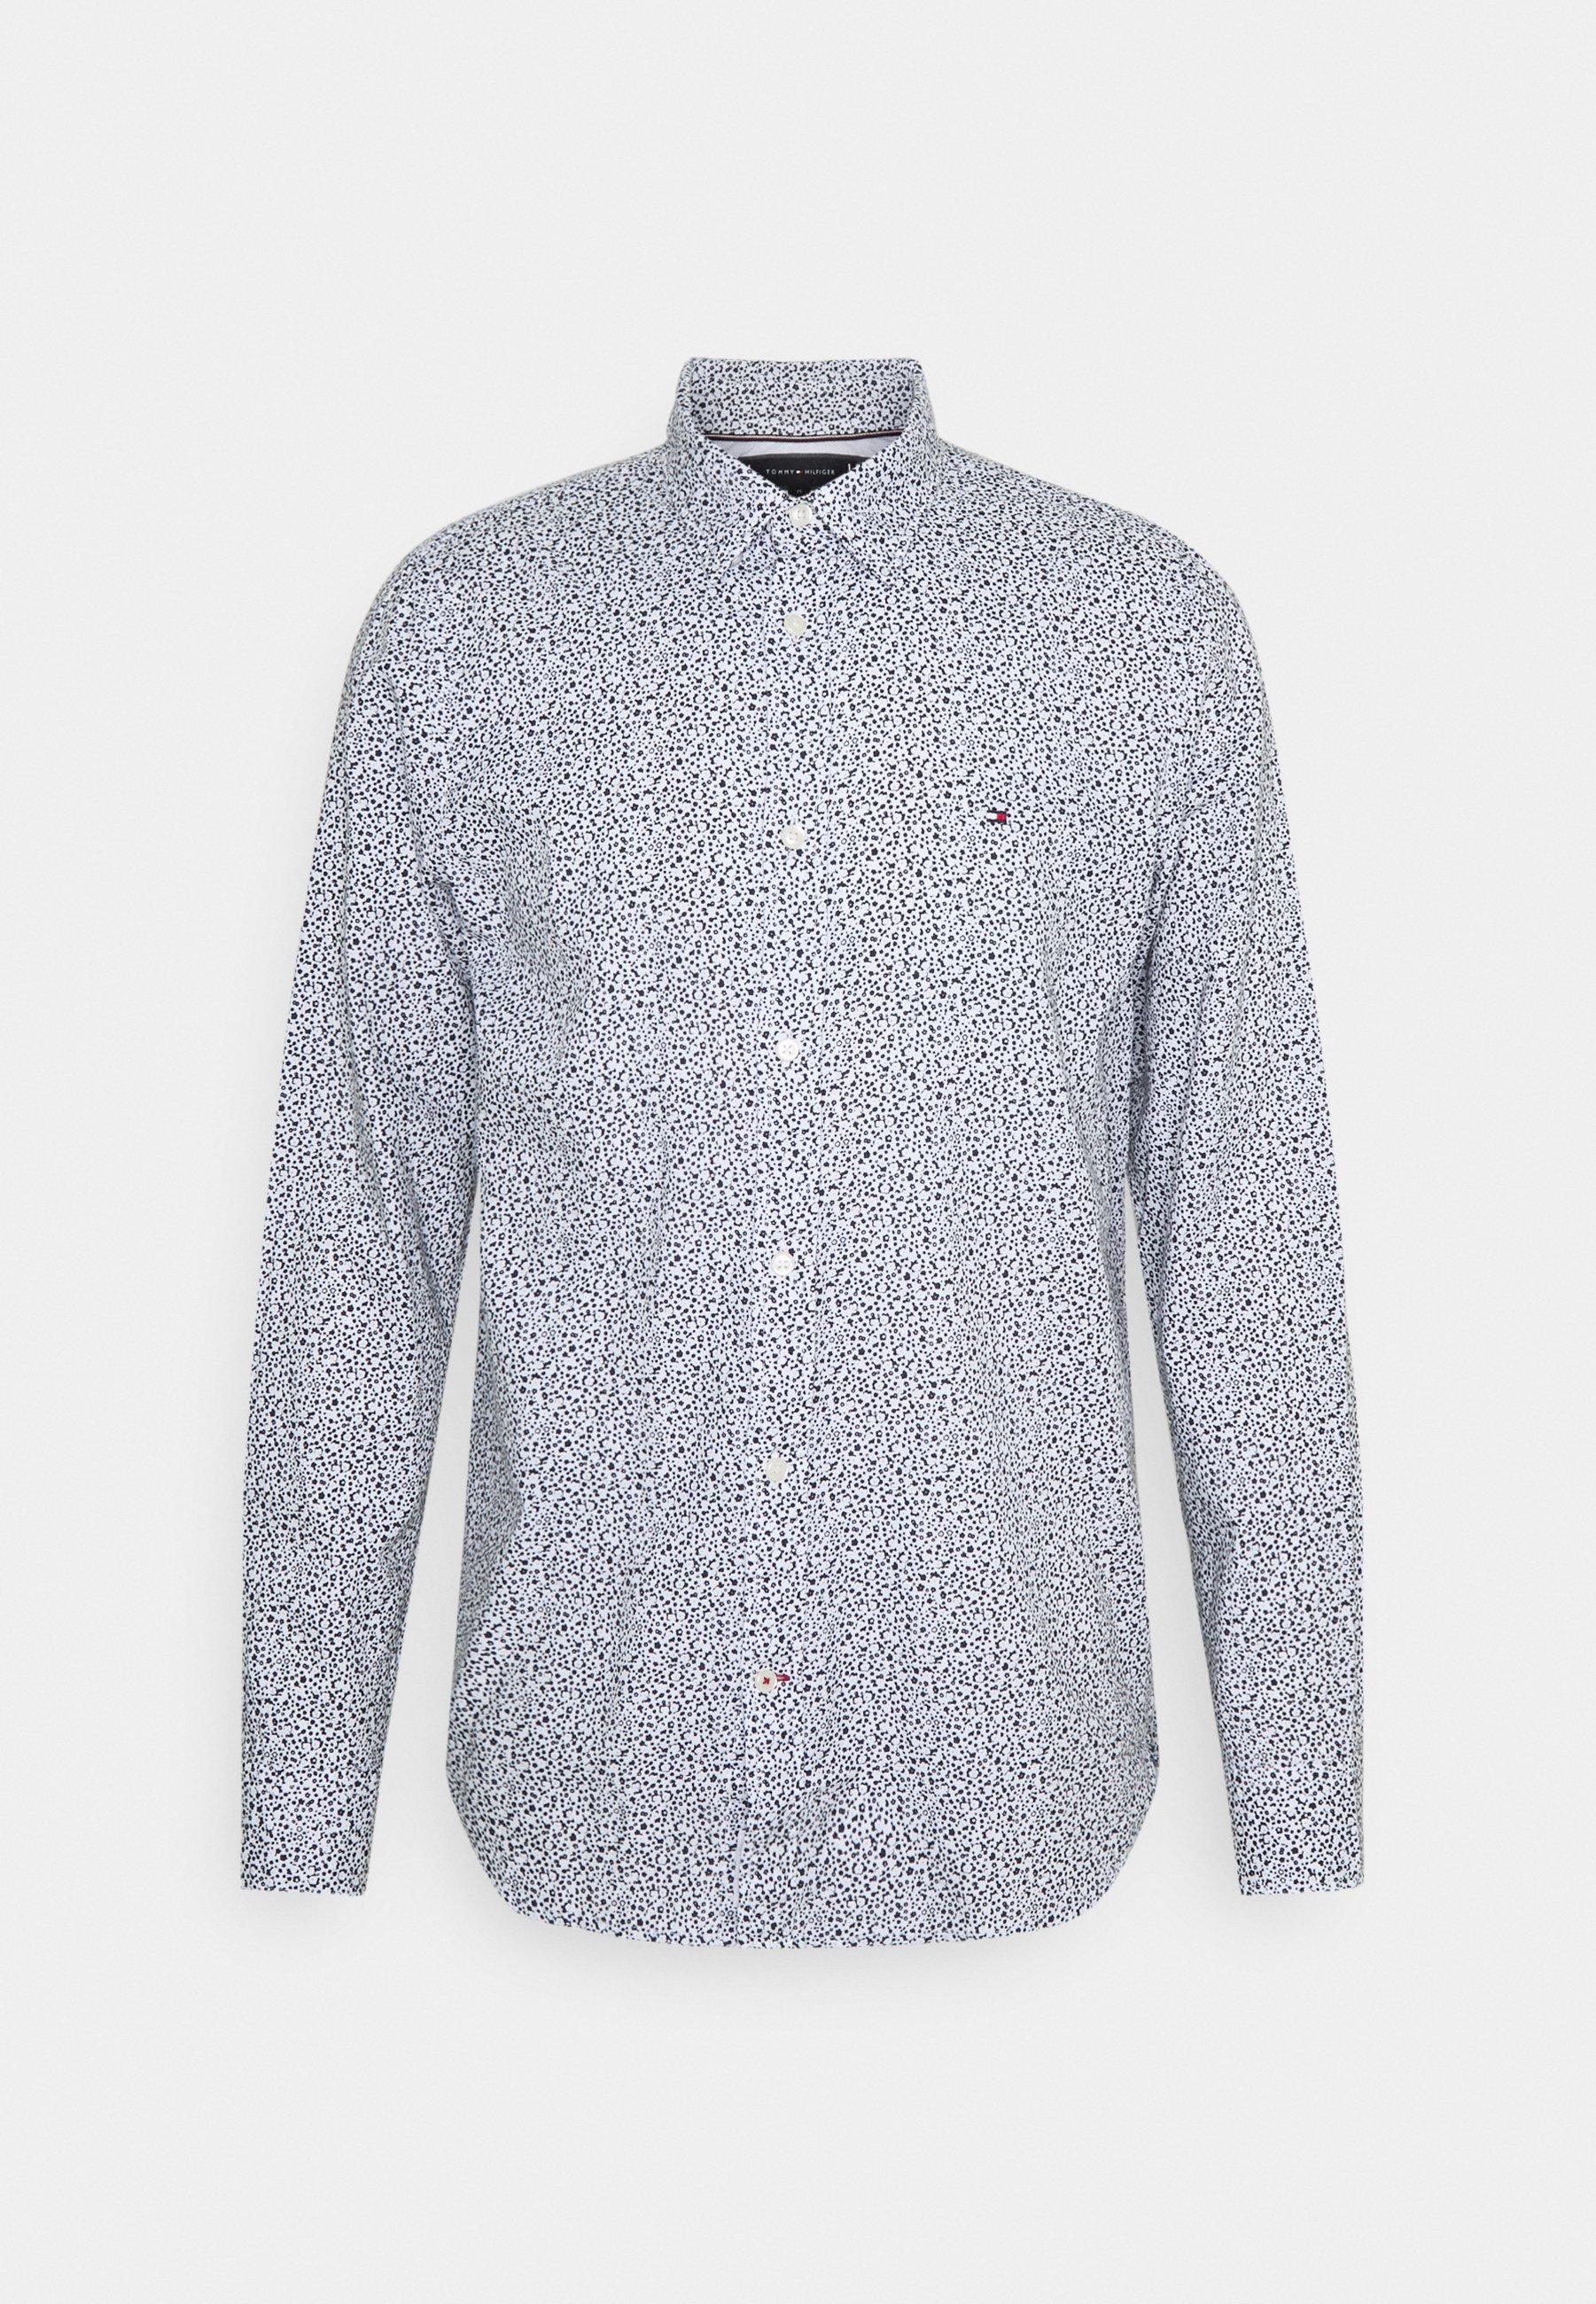 Uomo SLIM FLORAL PRINT SHIRT - Camicia